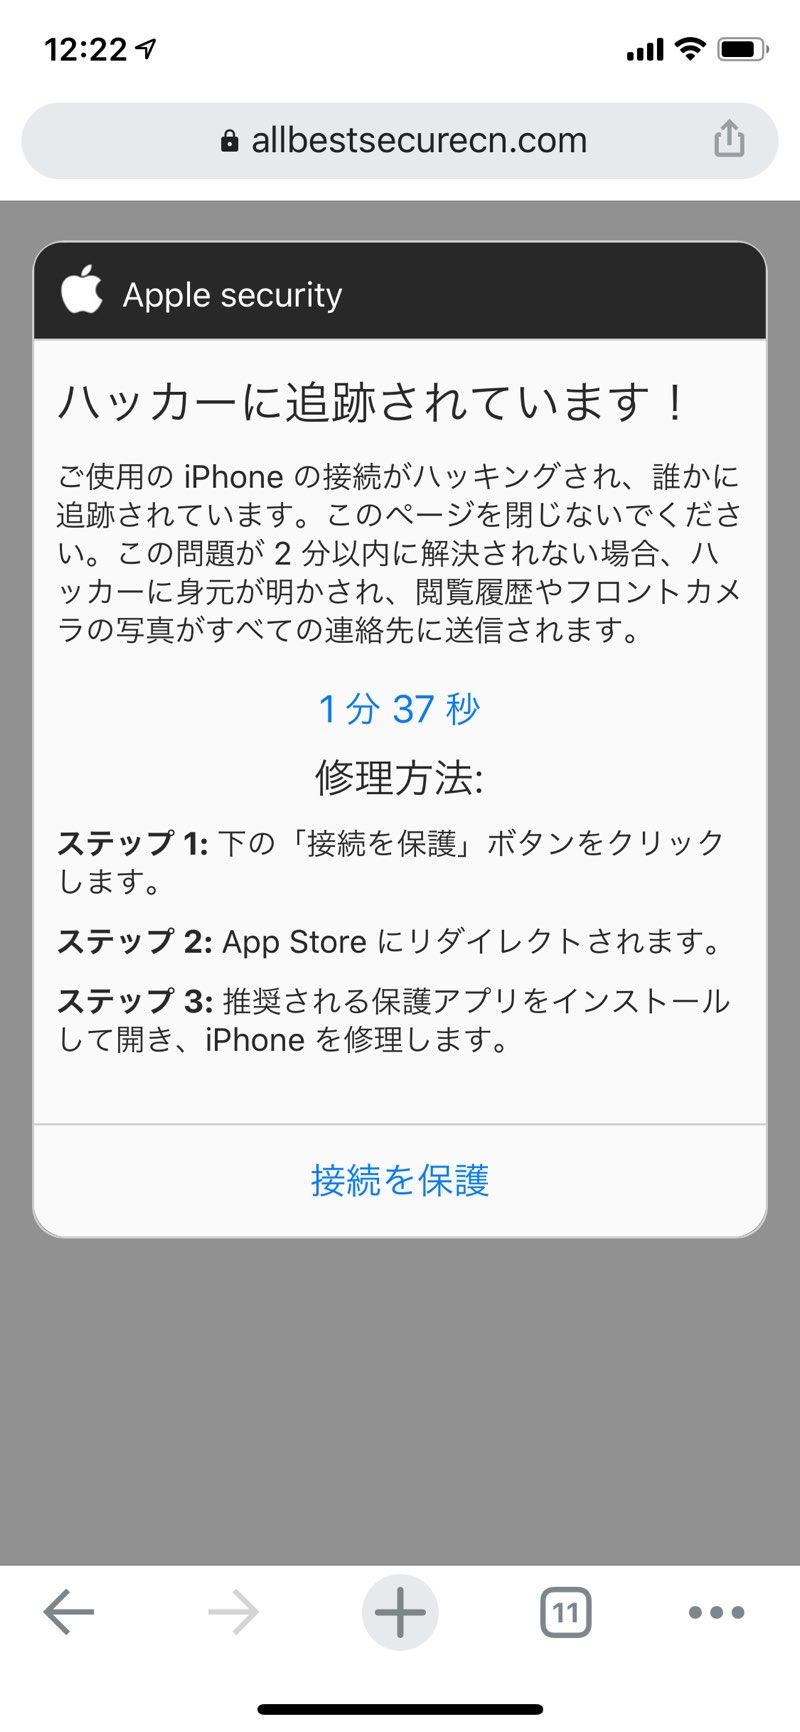 Apple security ハッカーに追跡されています!